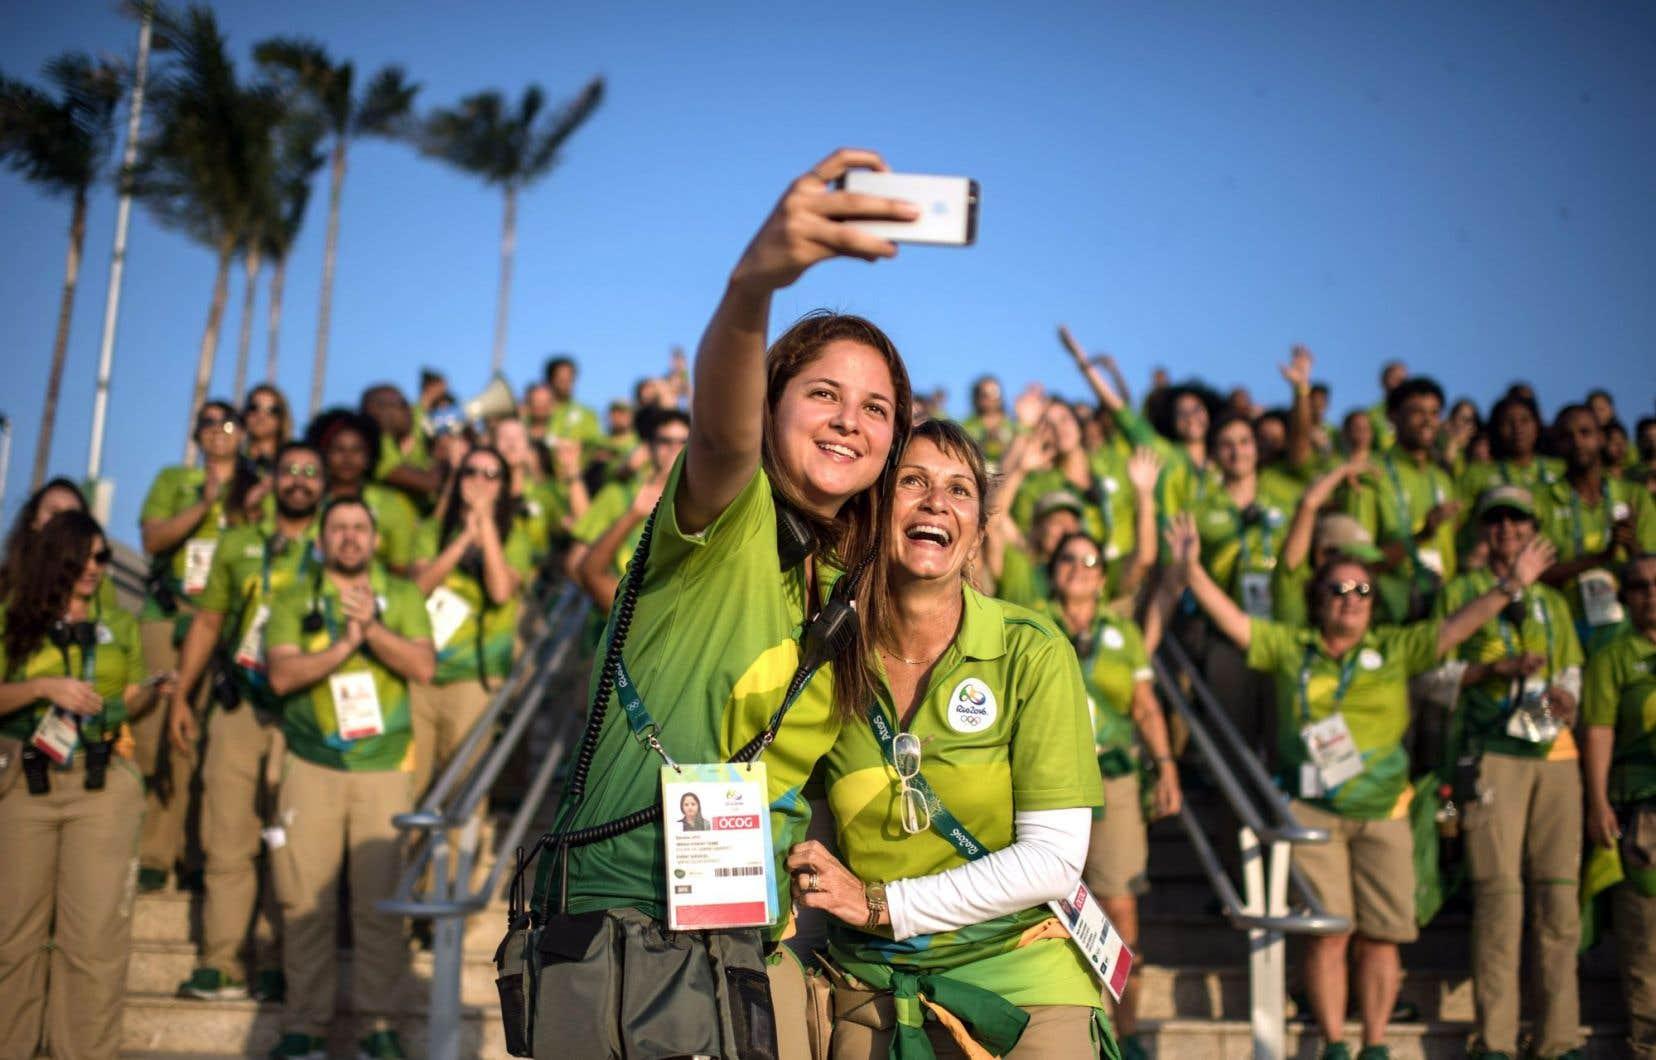 Au couchant, les bénévoles rassemblés jeudi dans le parc olympique ont multiplié les égoportraits.